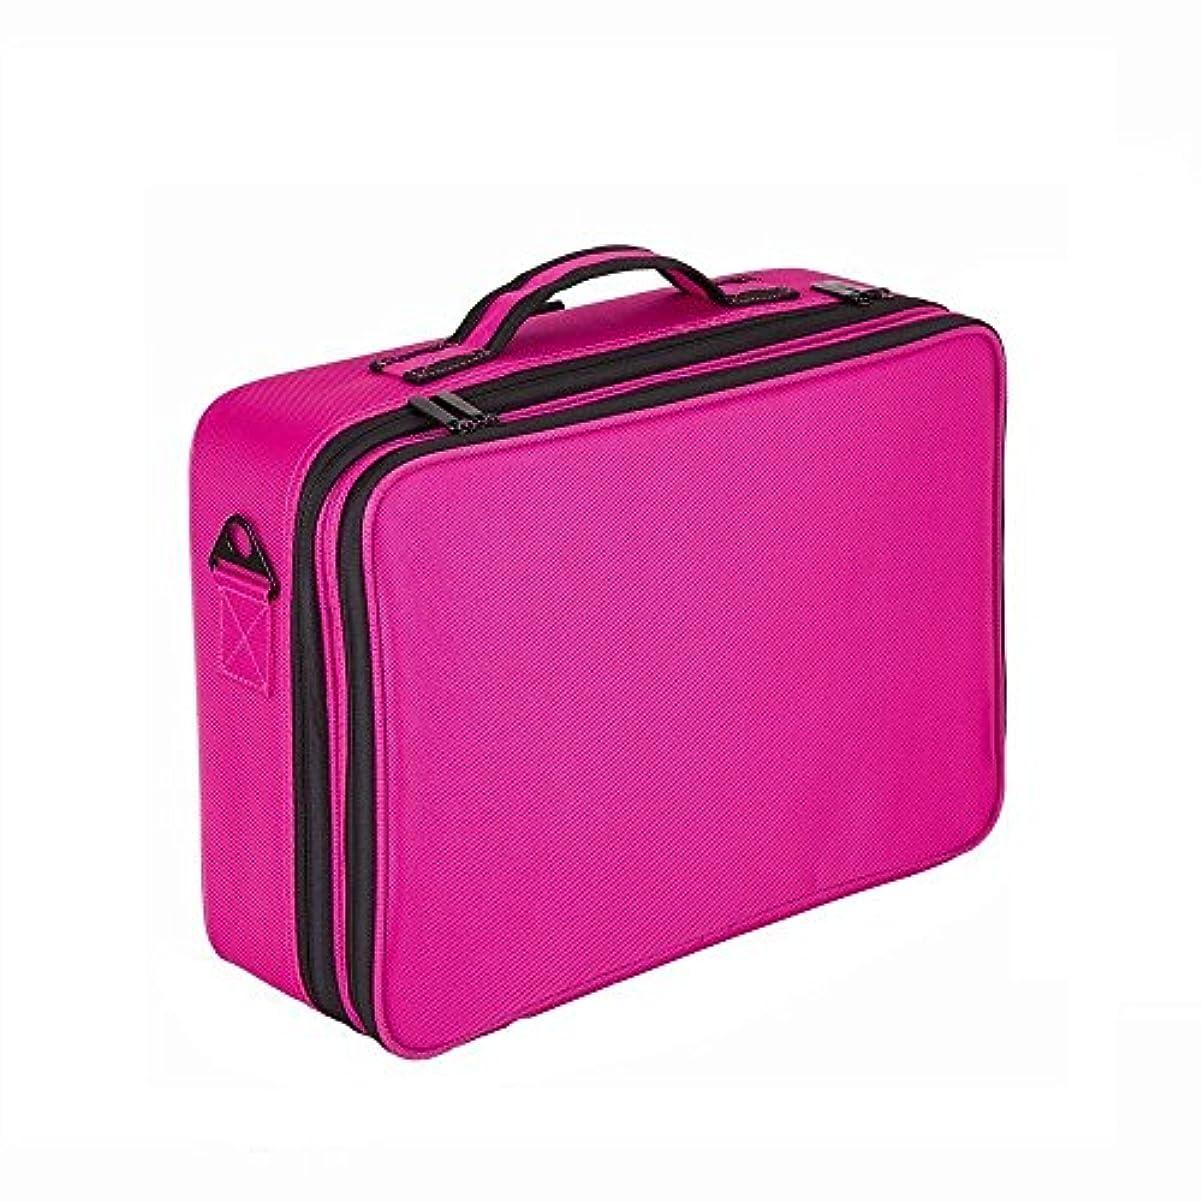 自分のためにドラマ保険MLMSY化粧品ケースプロの旅行の化粧品の袋、鏡の化粧ケース、大容量の収納袋調節可能なclapboard化粧ケース42 cm * 30 cm * 12 cm